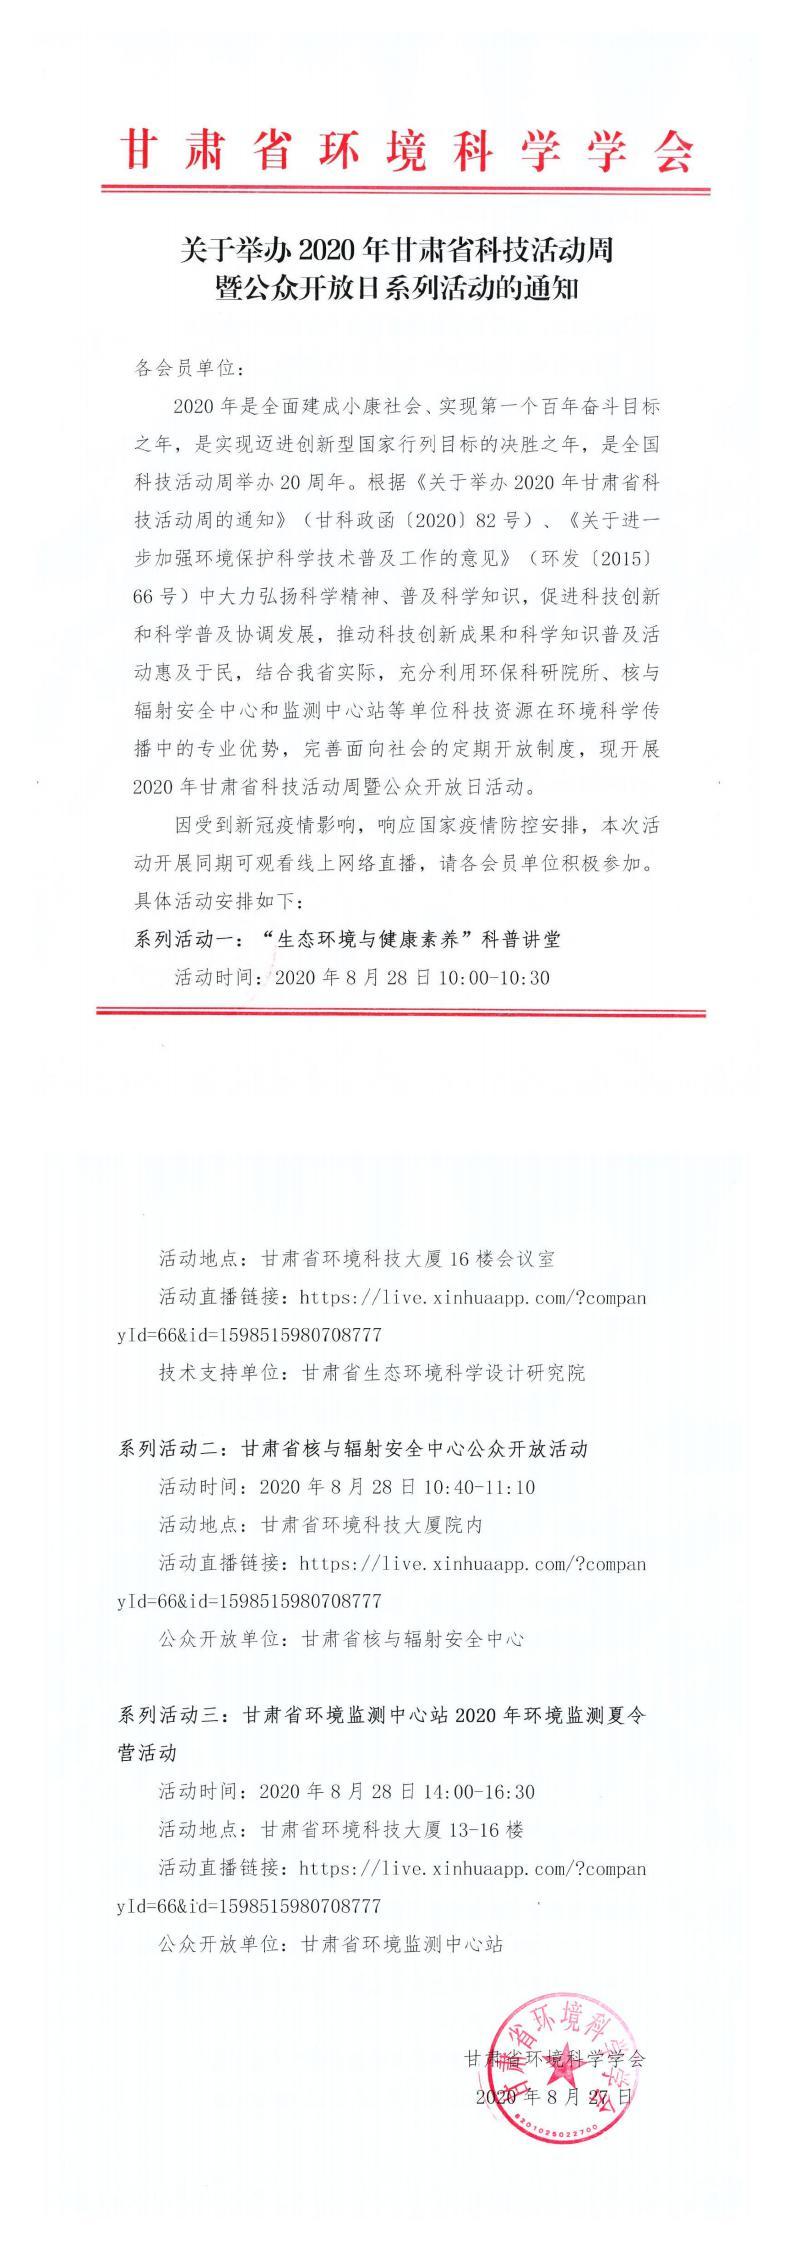 关于举办2020年甘肃省科技活动周暨公众开放通知(1)_0.jpg